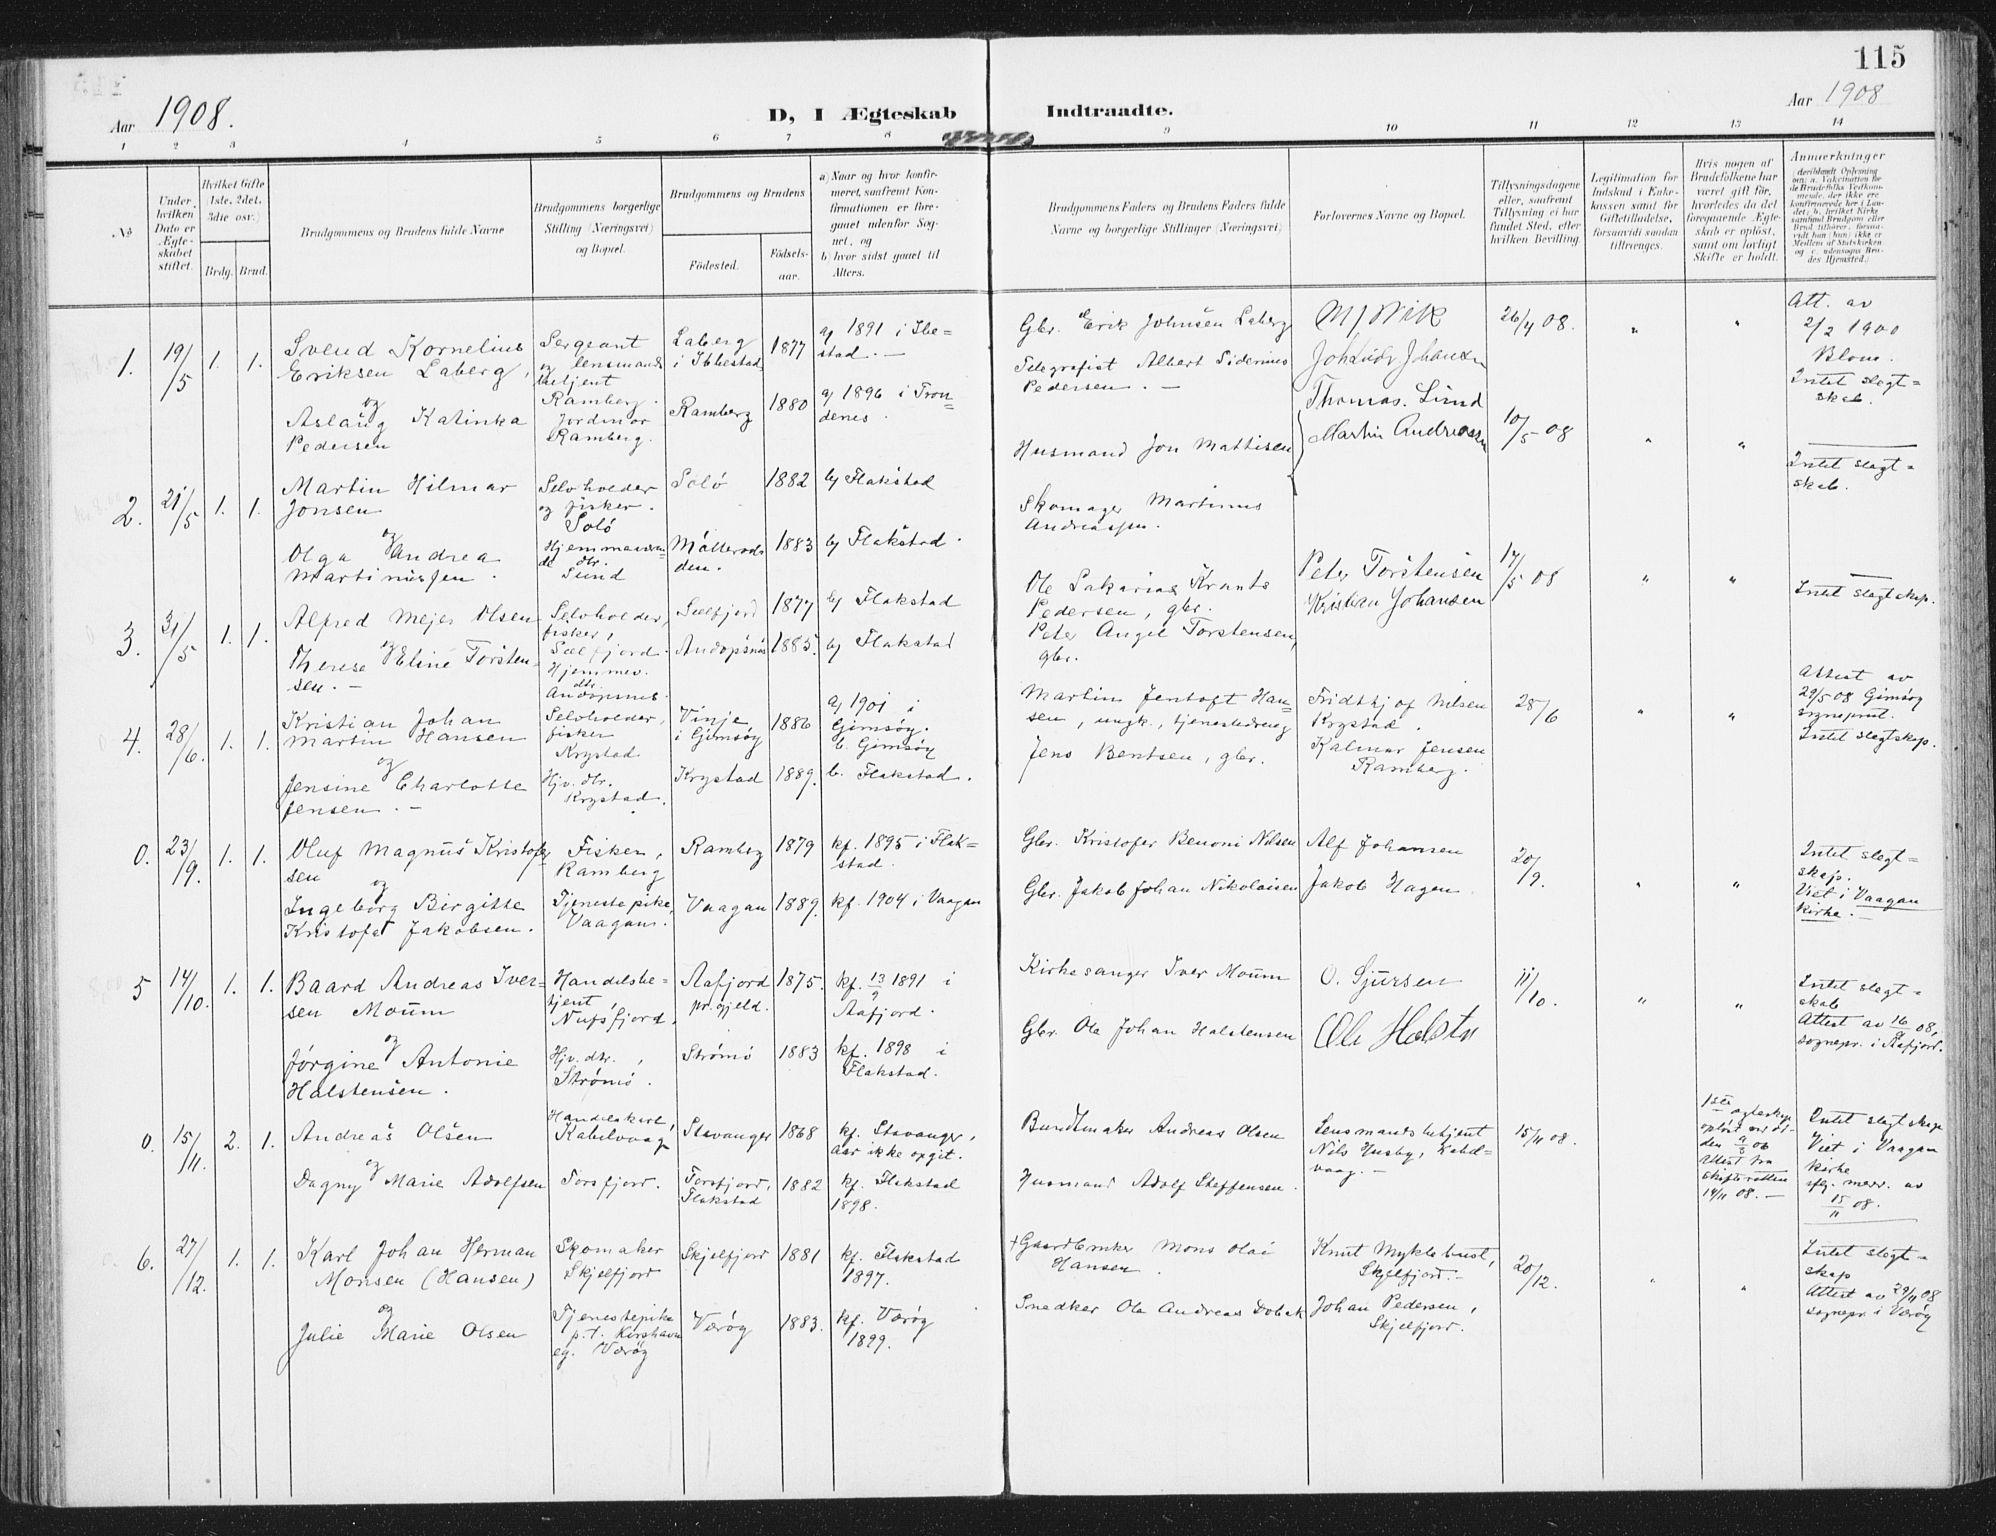 SAT, Ministerialprotokoller, klokkerbøker og fødselsregistre - Nordland, 885/L1206: Parish register (official) no. 885A07, 1905-1915, p. 115